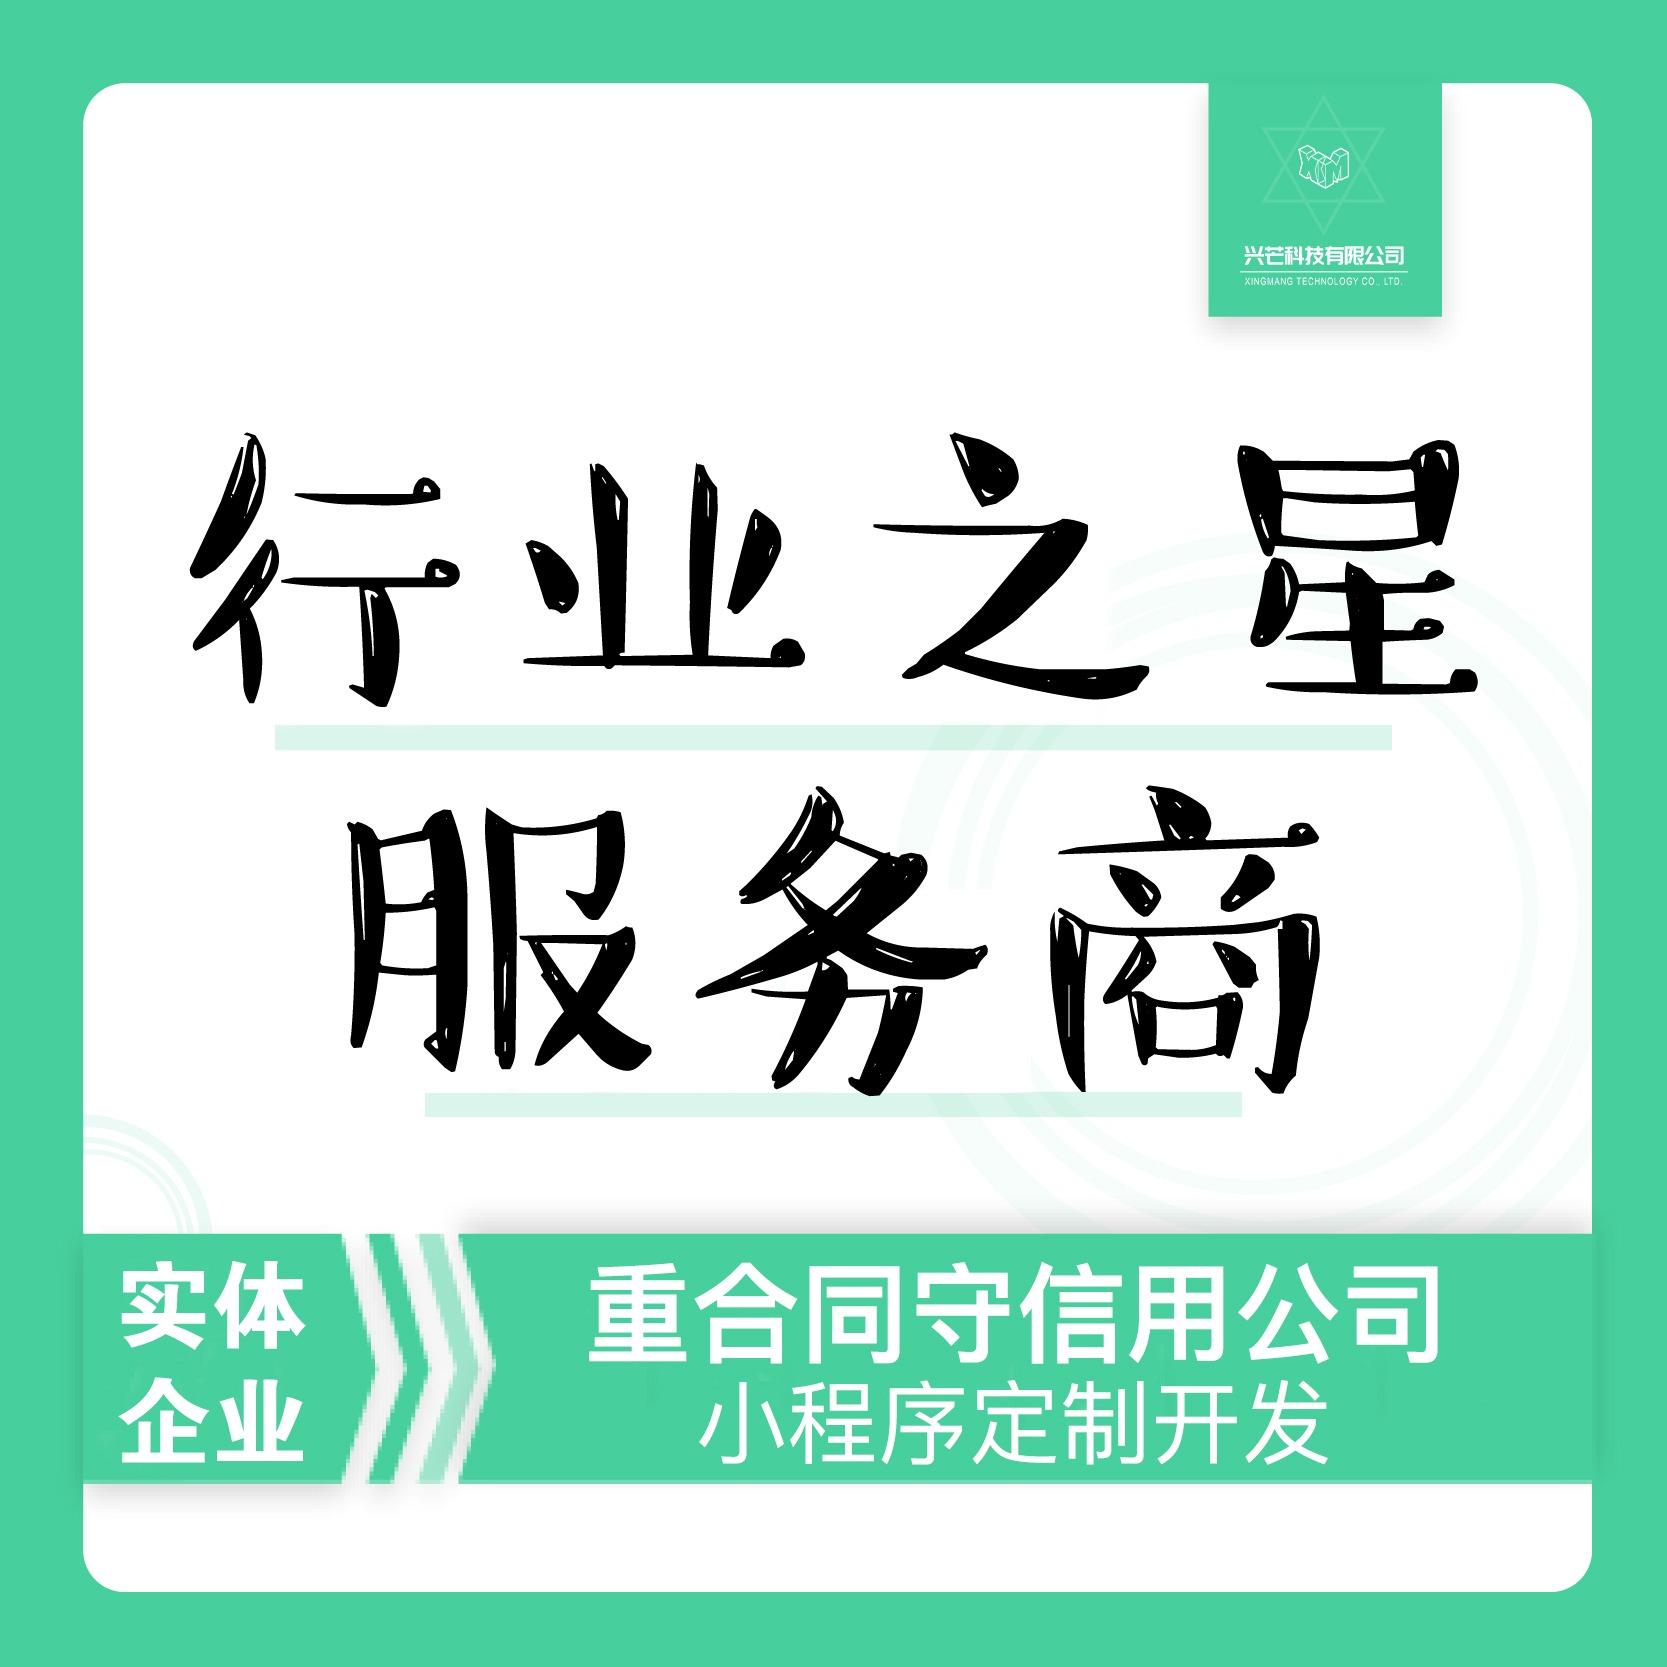 微信小程序定制开发/广州小程序开发/小程序商城/微信开发